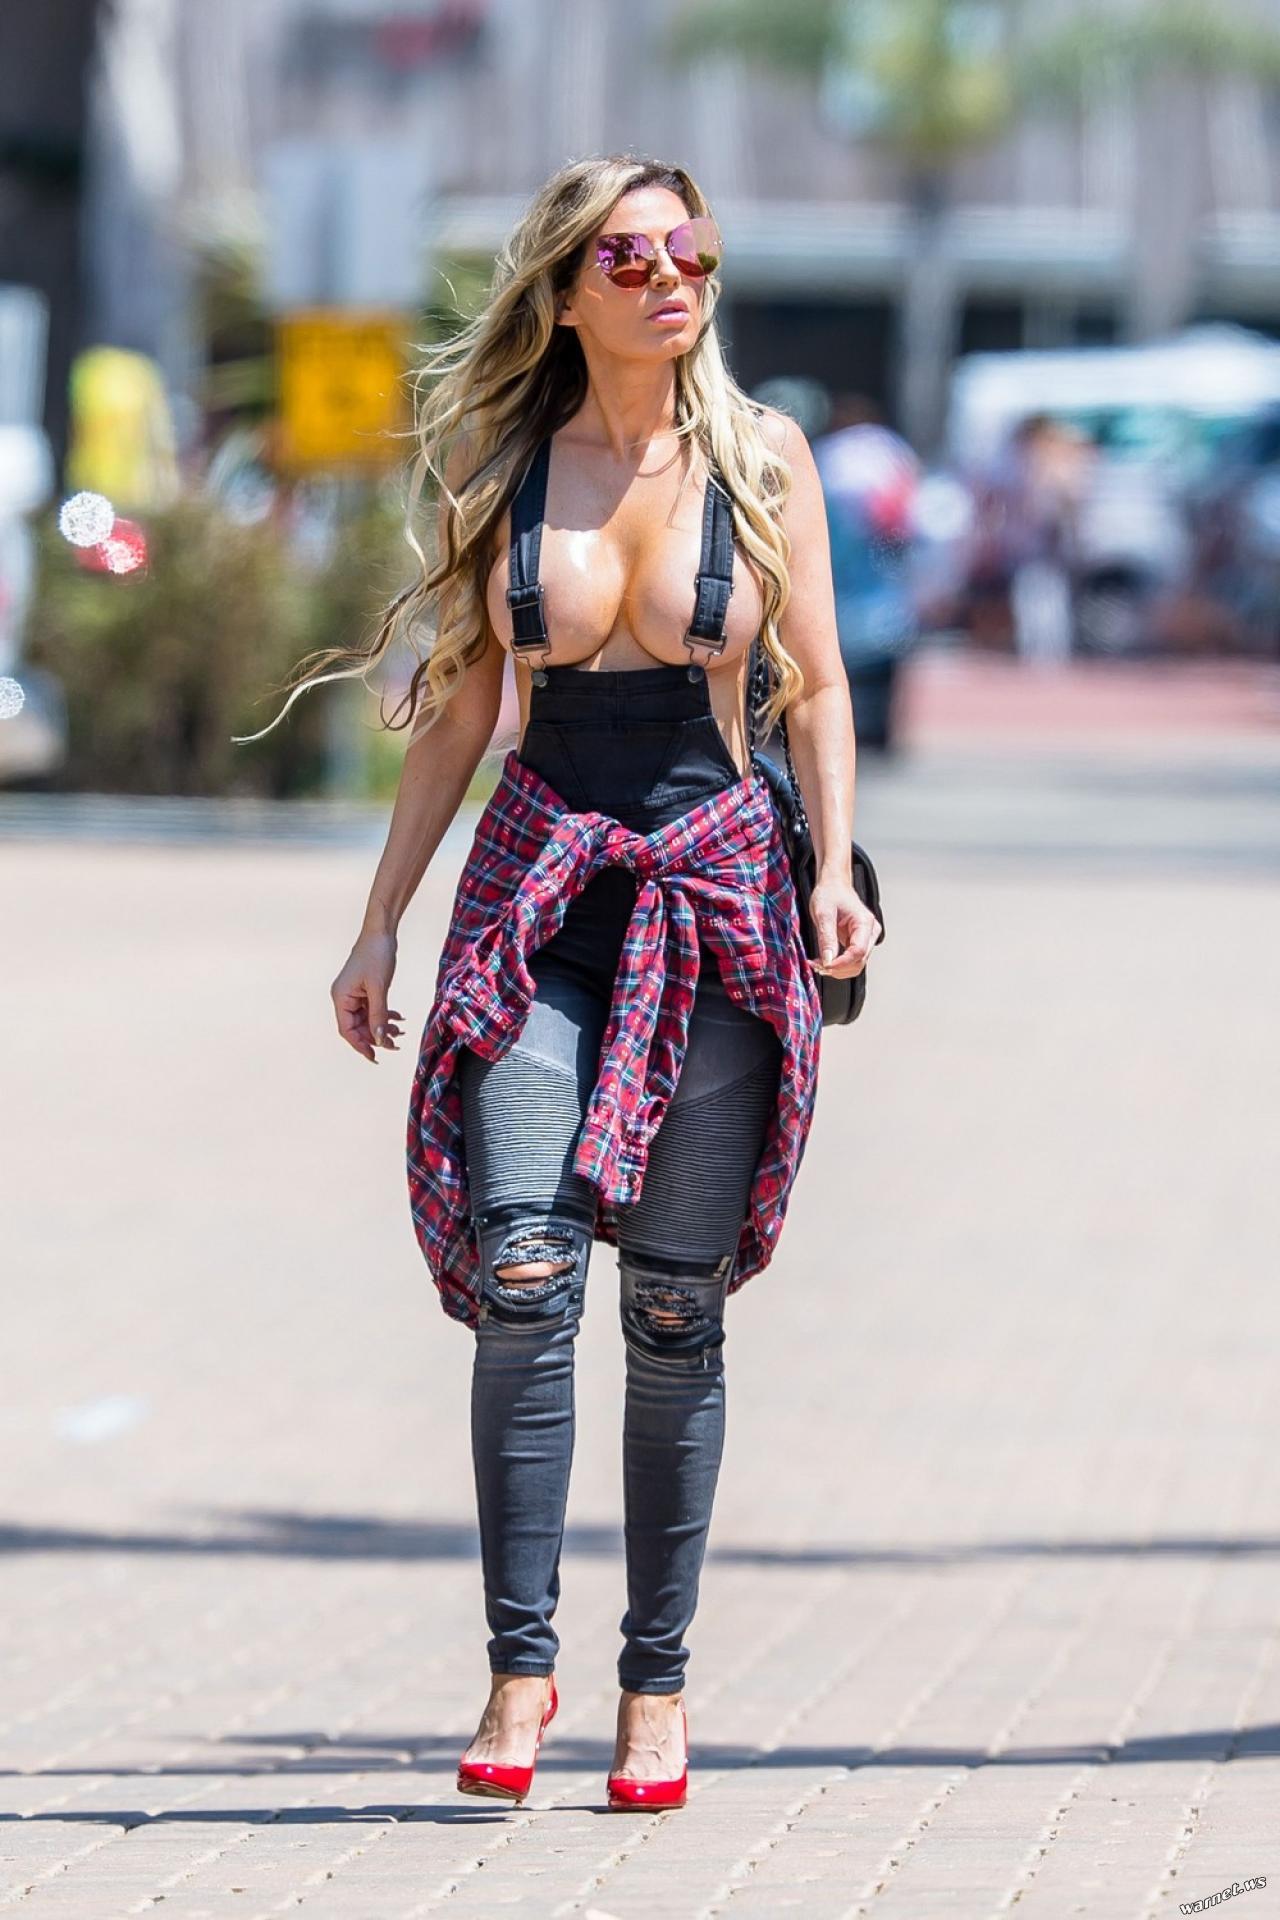 世界のモデルまんさん、とんでもない格好で街を散歩する。(画像)・11枚目